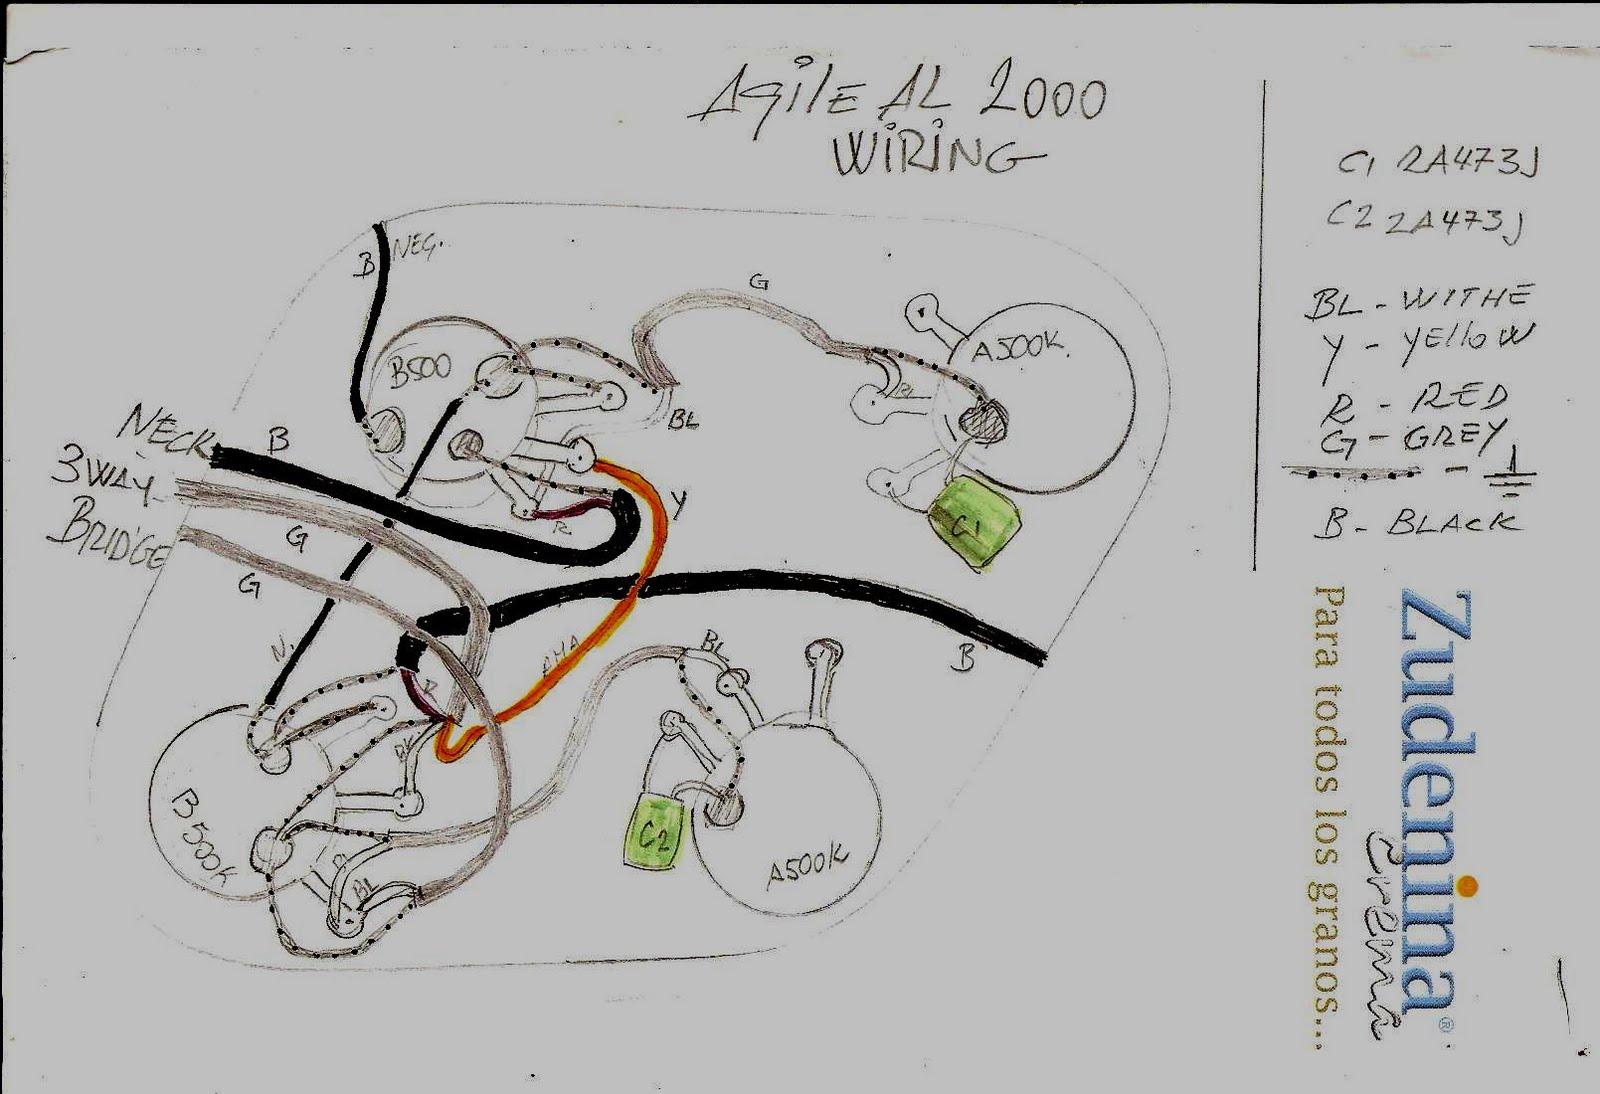 Agile Al Hsbf